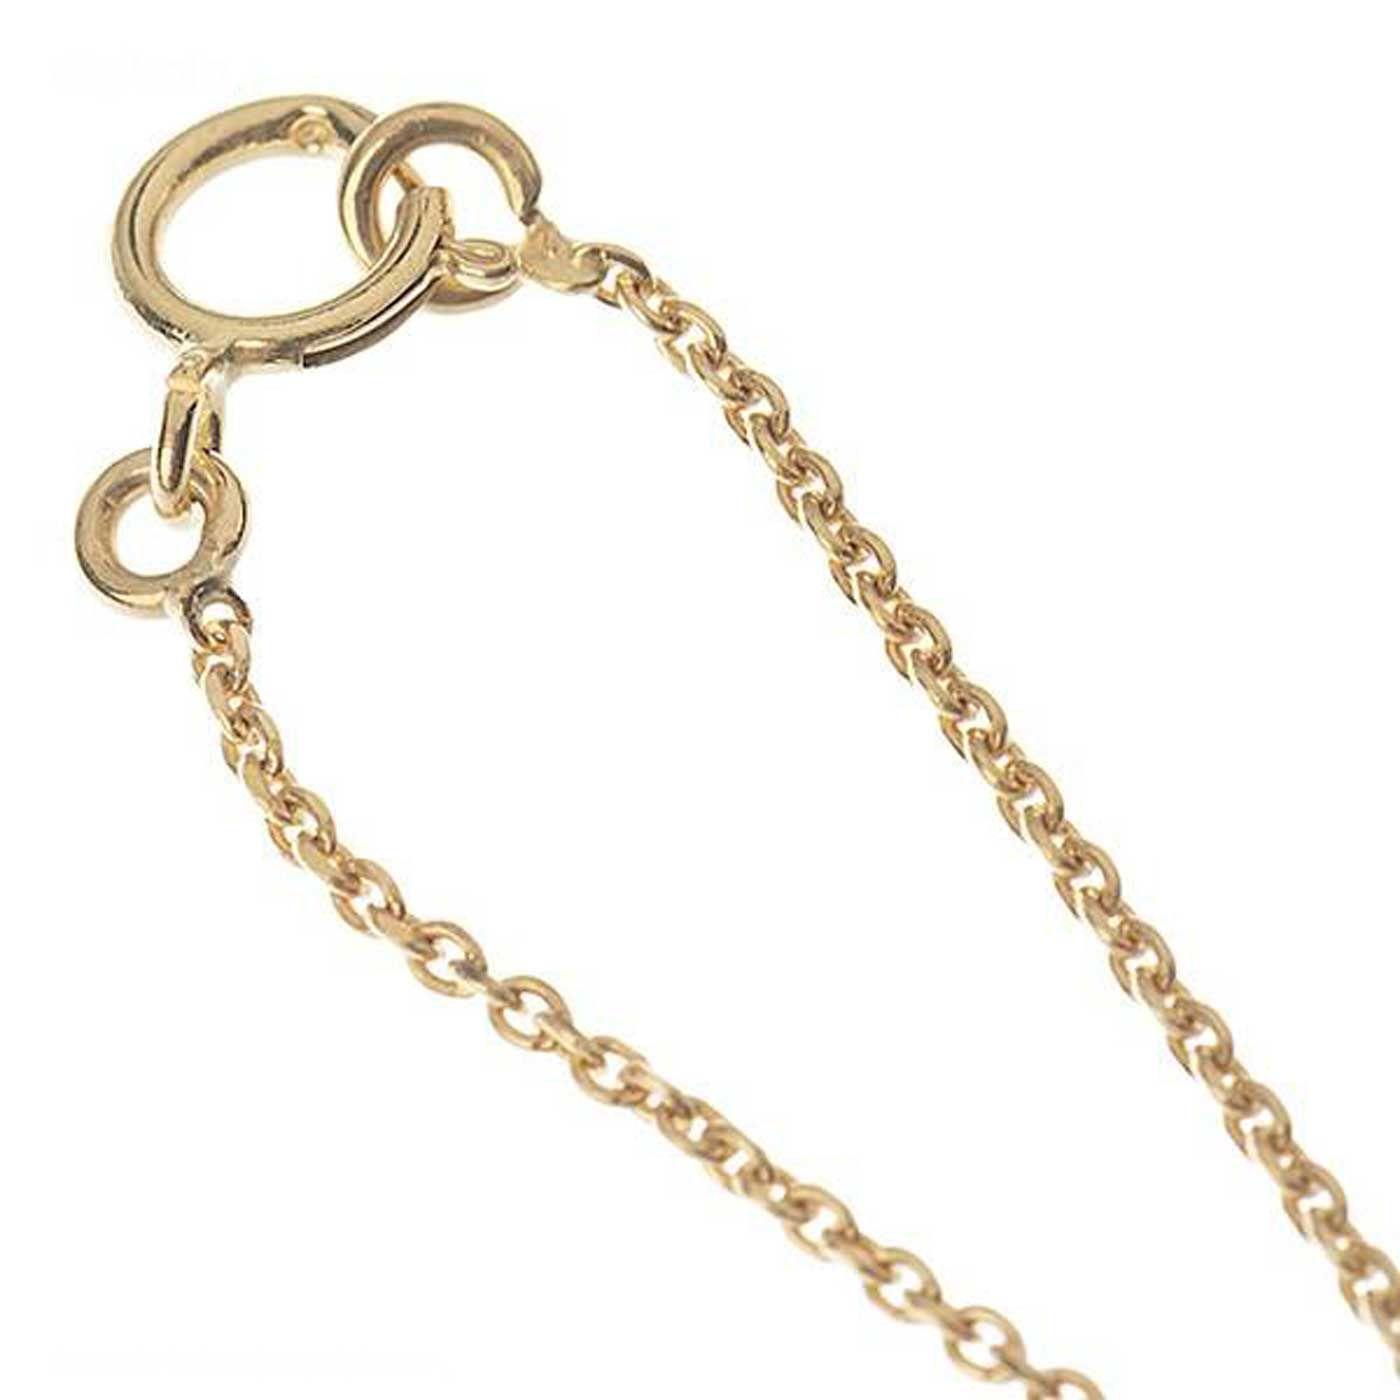 آویز ساعت طلا 18 عیار زنانه کانیار گالری کد AS36 -  - 3